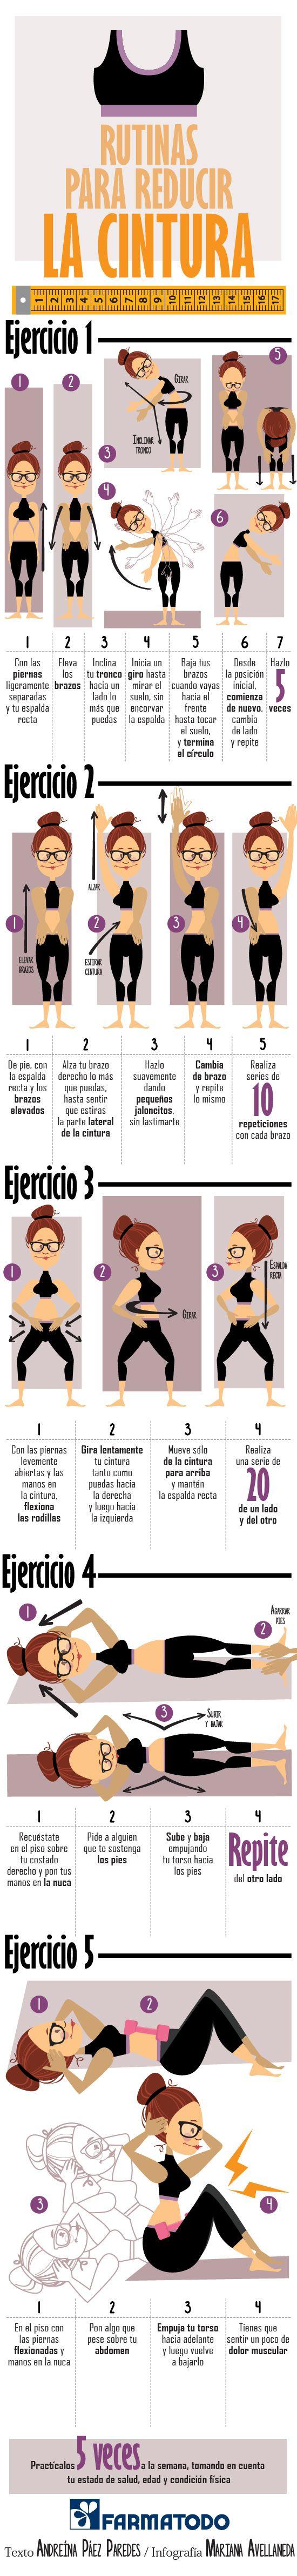 Esta rutina te ayudará a reducir tu cintura. ¡Sigue los pasos!